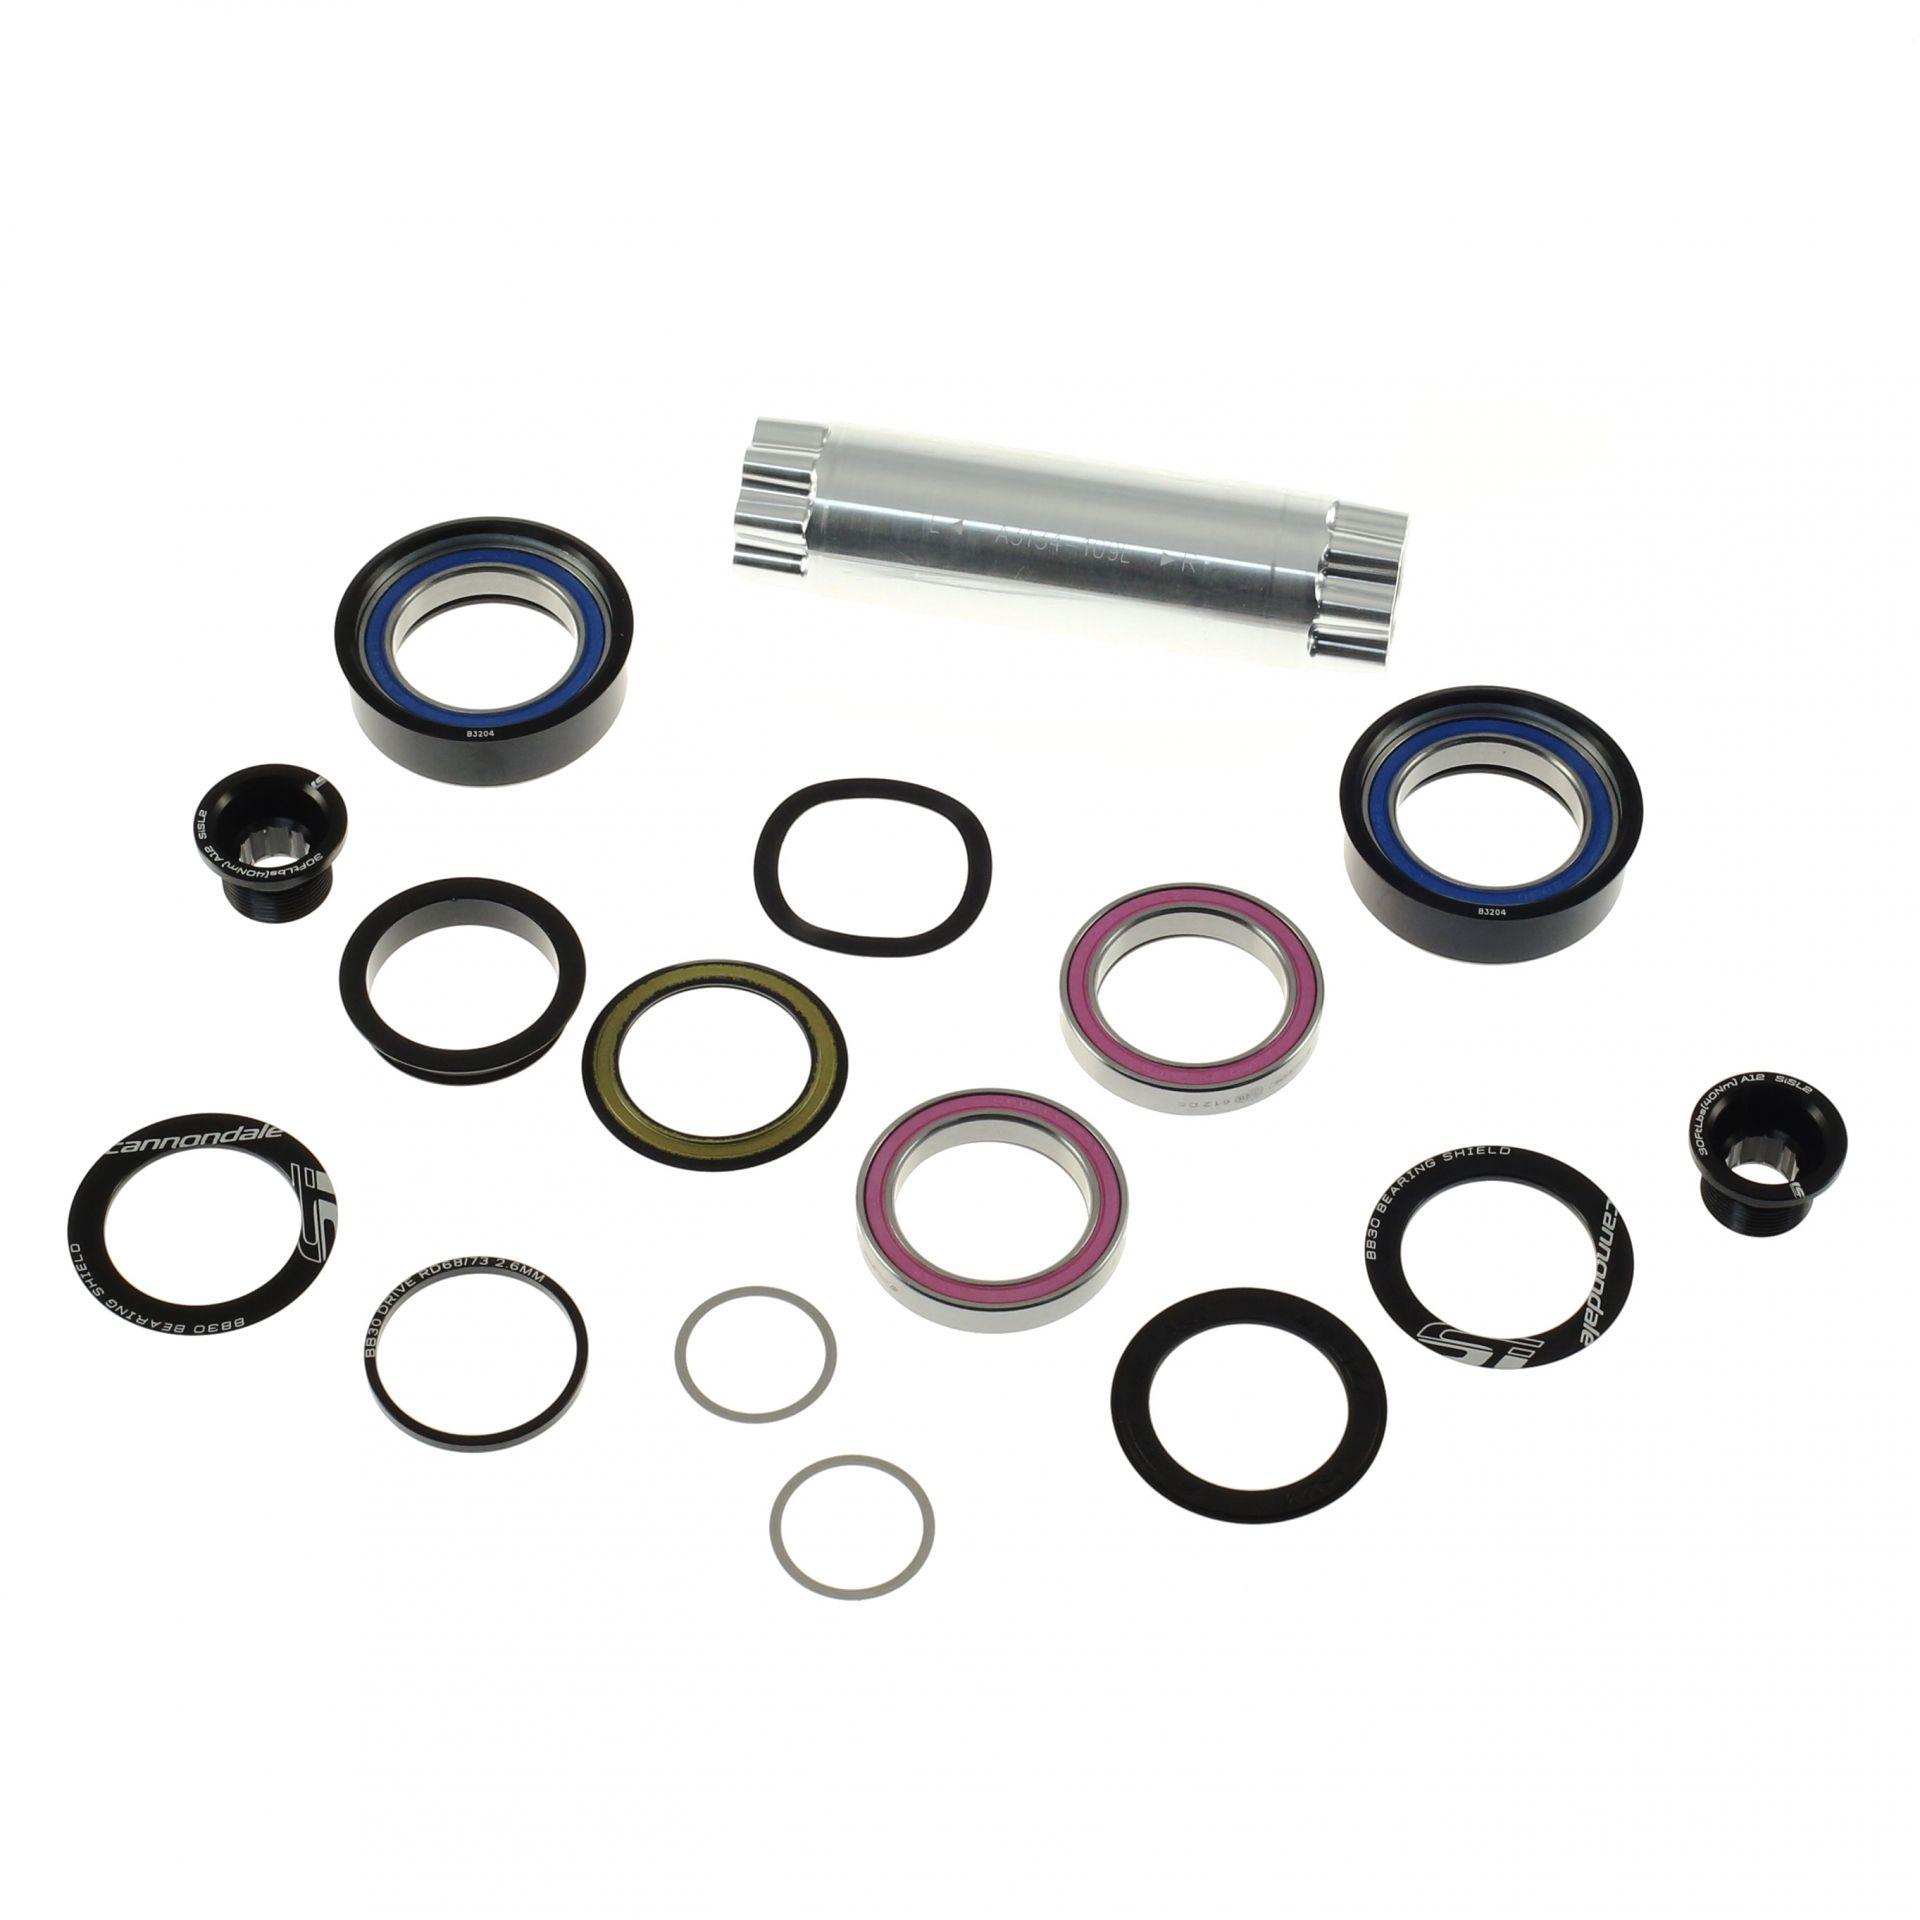 Boîtier de pédalier Cannondale SiSL2 BB30/PF30 68/73x109 mm Céramique (215 grammes)